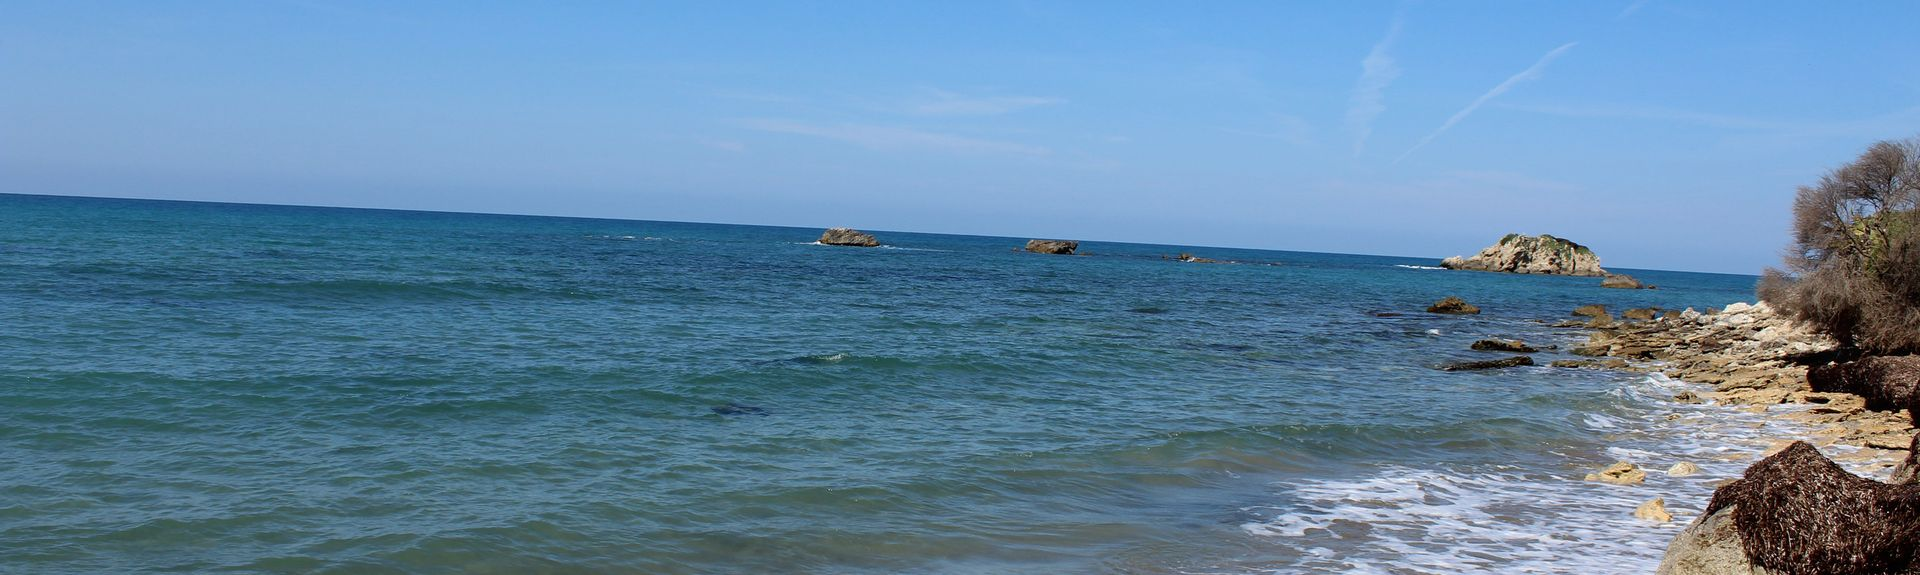 Praia de Issos, Peloponeso, Grécia